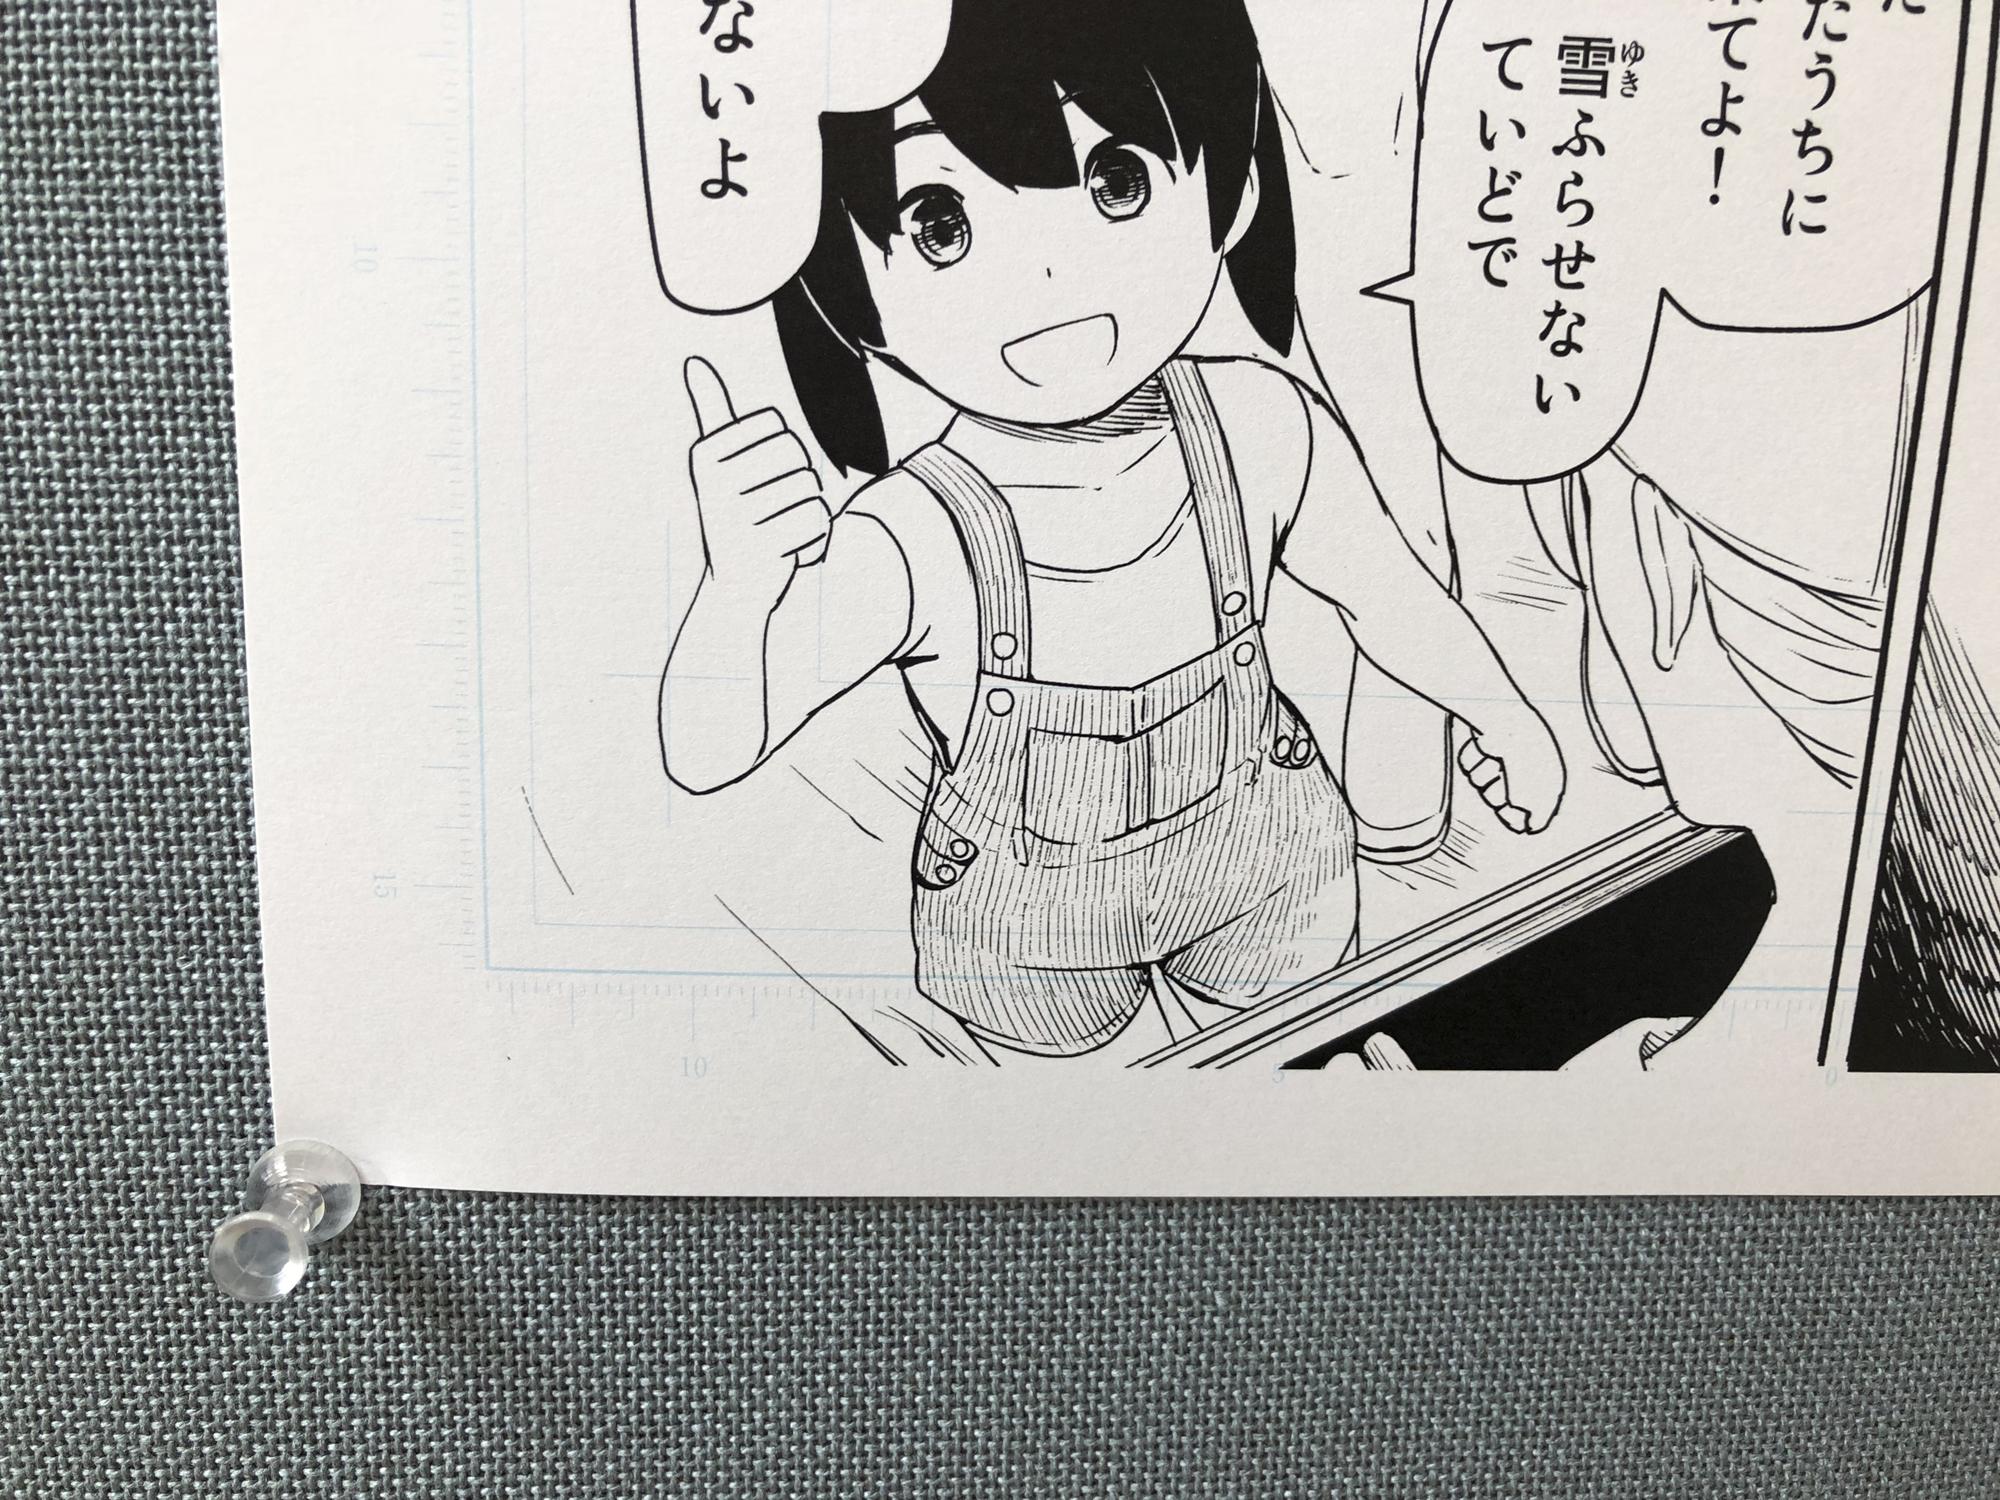 f:id:mitatowa:20181005183332j:plain